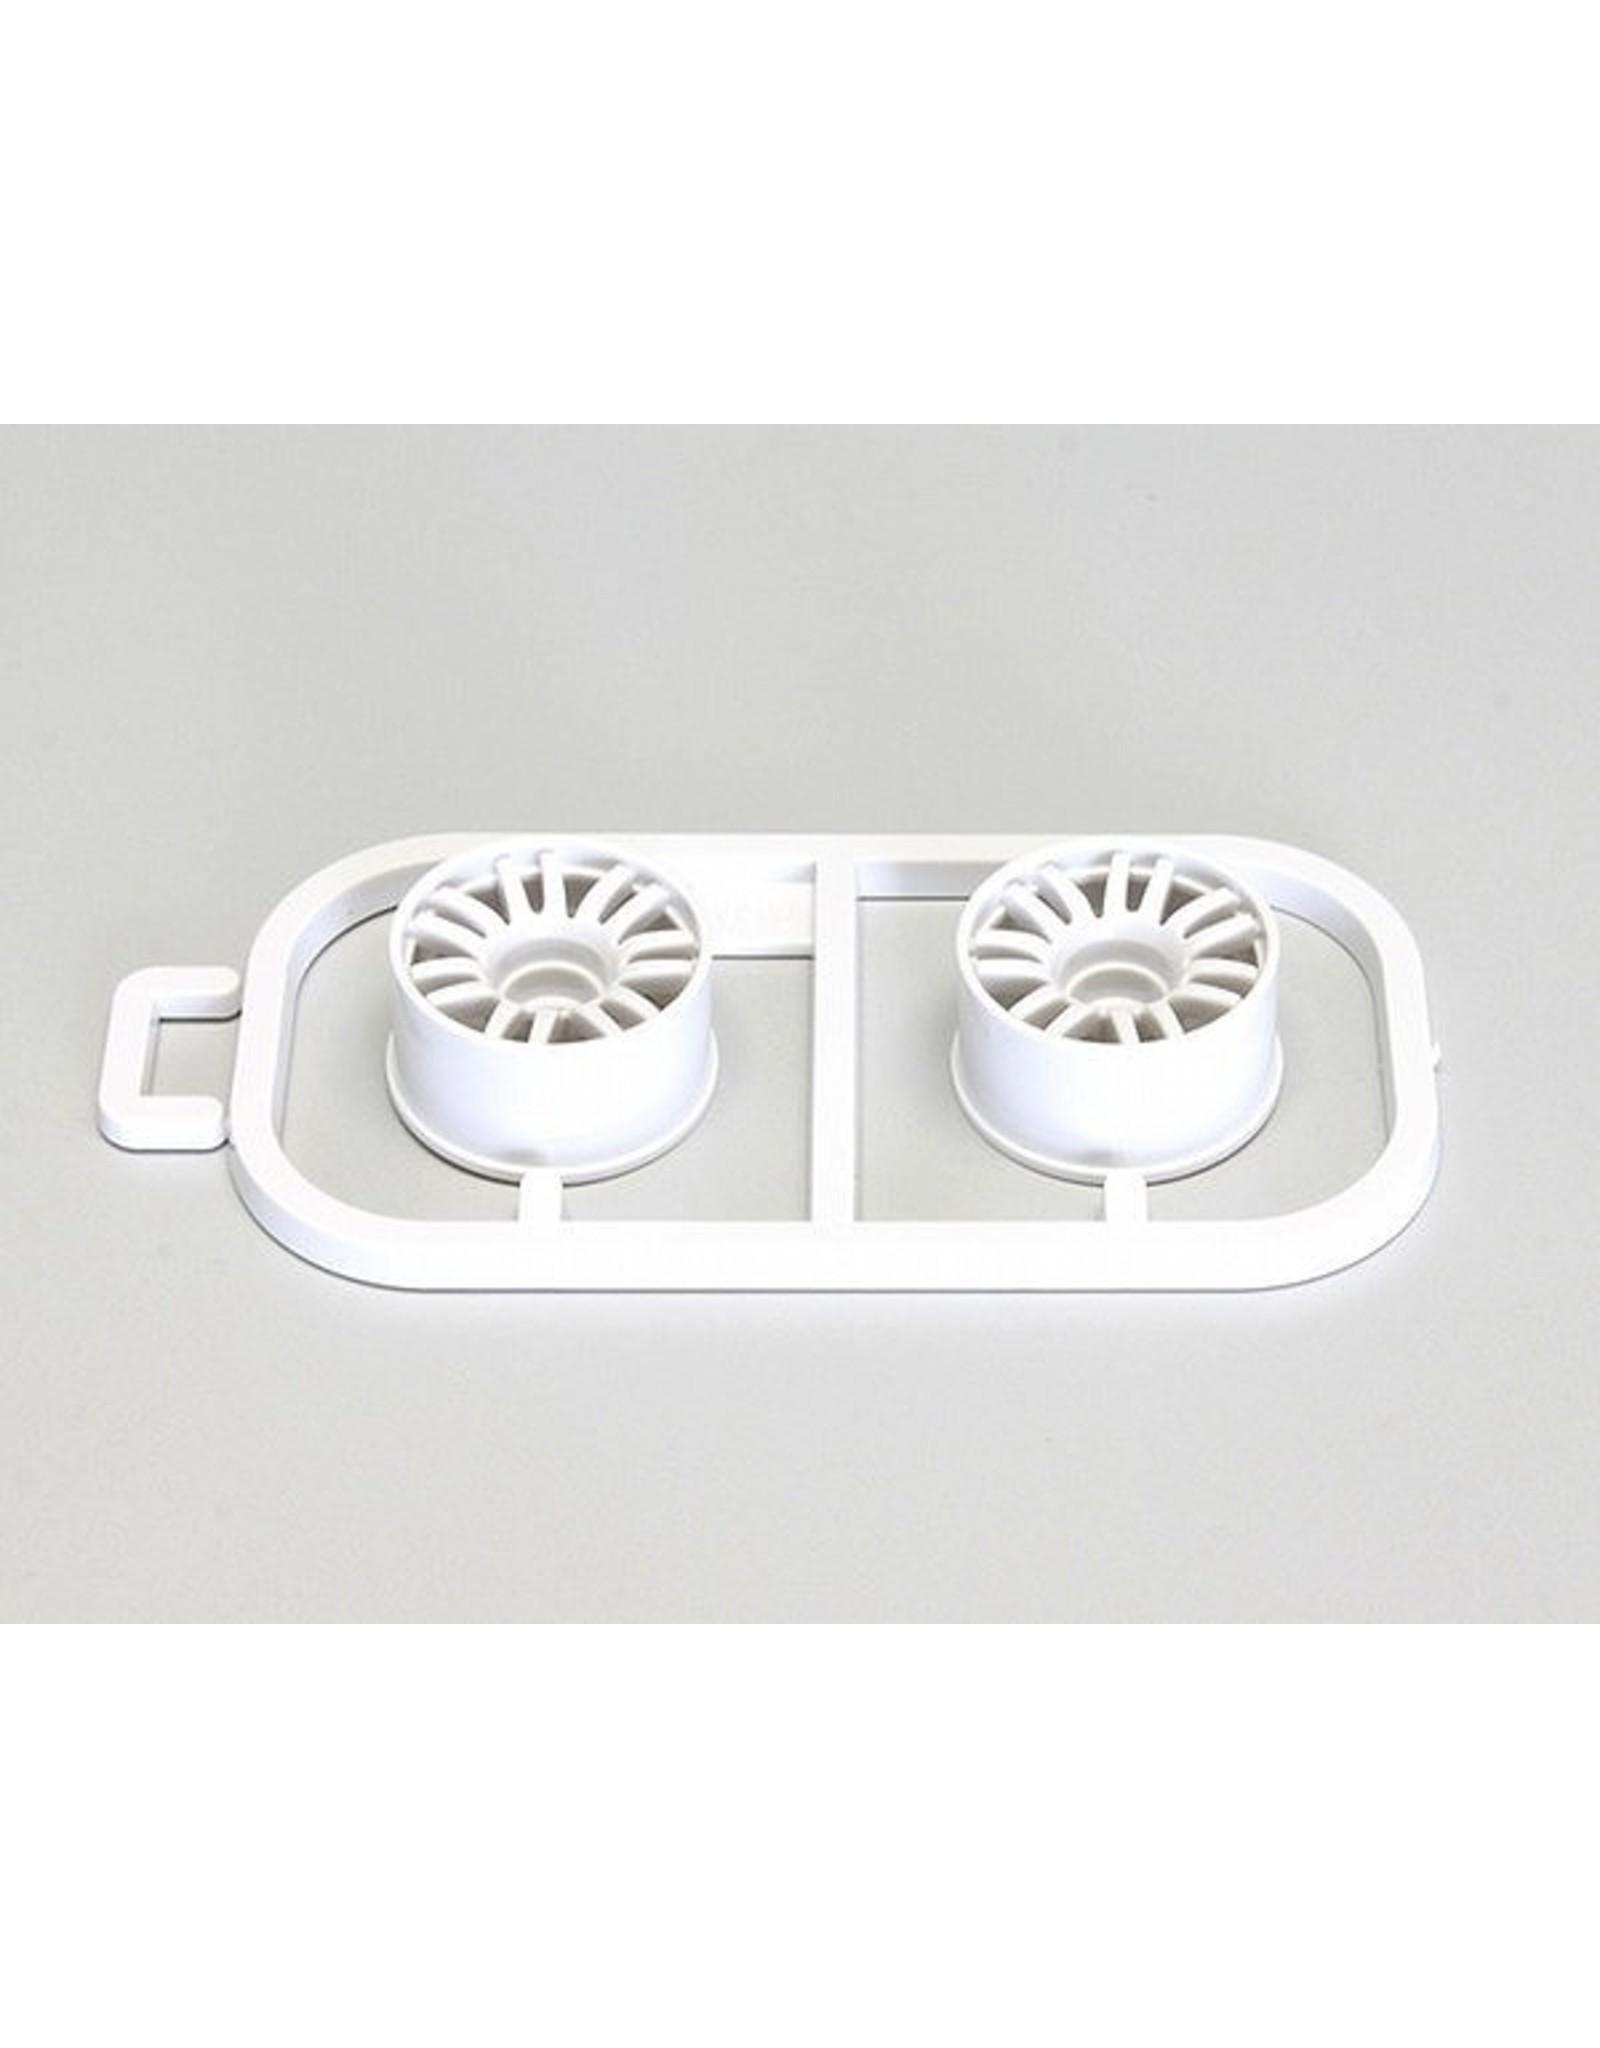 Kyosho Multi Wheel II W/Offset 0 (White/RE30/2pcs) (MZH131W-W0)